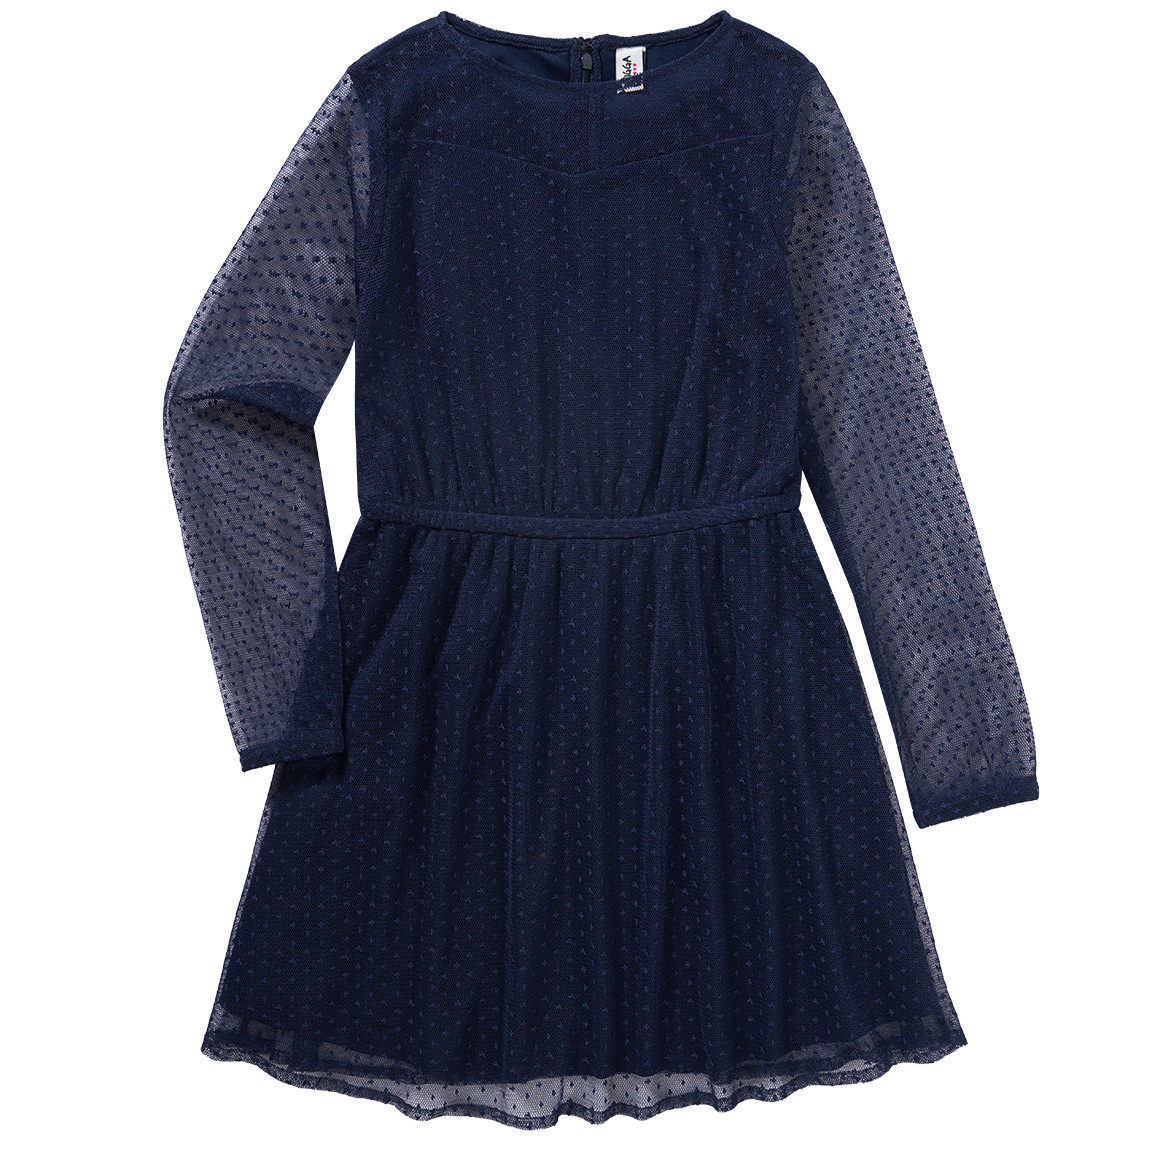 Girlsroeckekleider - Mädchen Kleid mit Mesh - Onlineshop Ernstings family